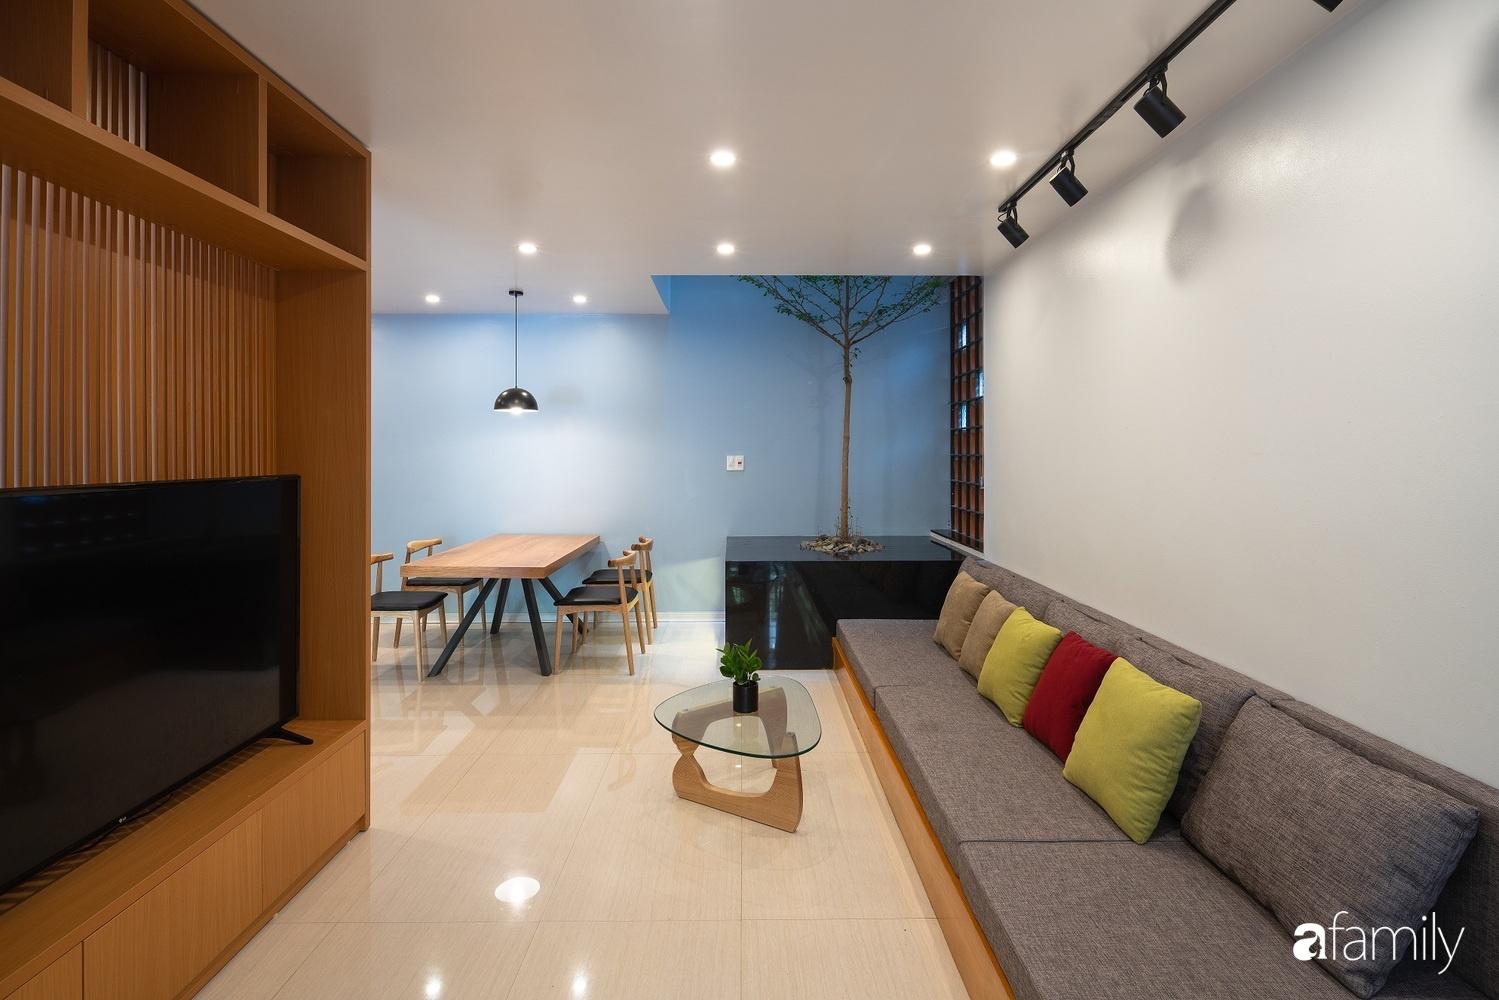 Ngôi nhà phố lấy cảm hứng từ thác nước mang đến cuộc sống an lành, thư thái cho gia đình 3 thế hệ ở Hải Dương - Ảnh 9.